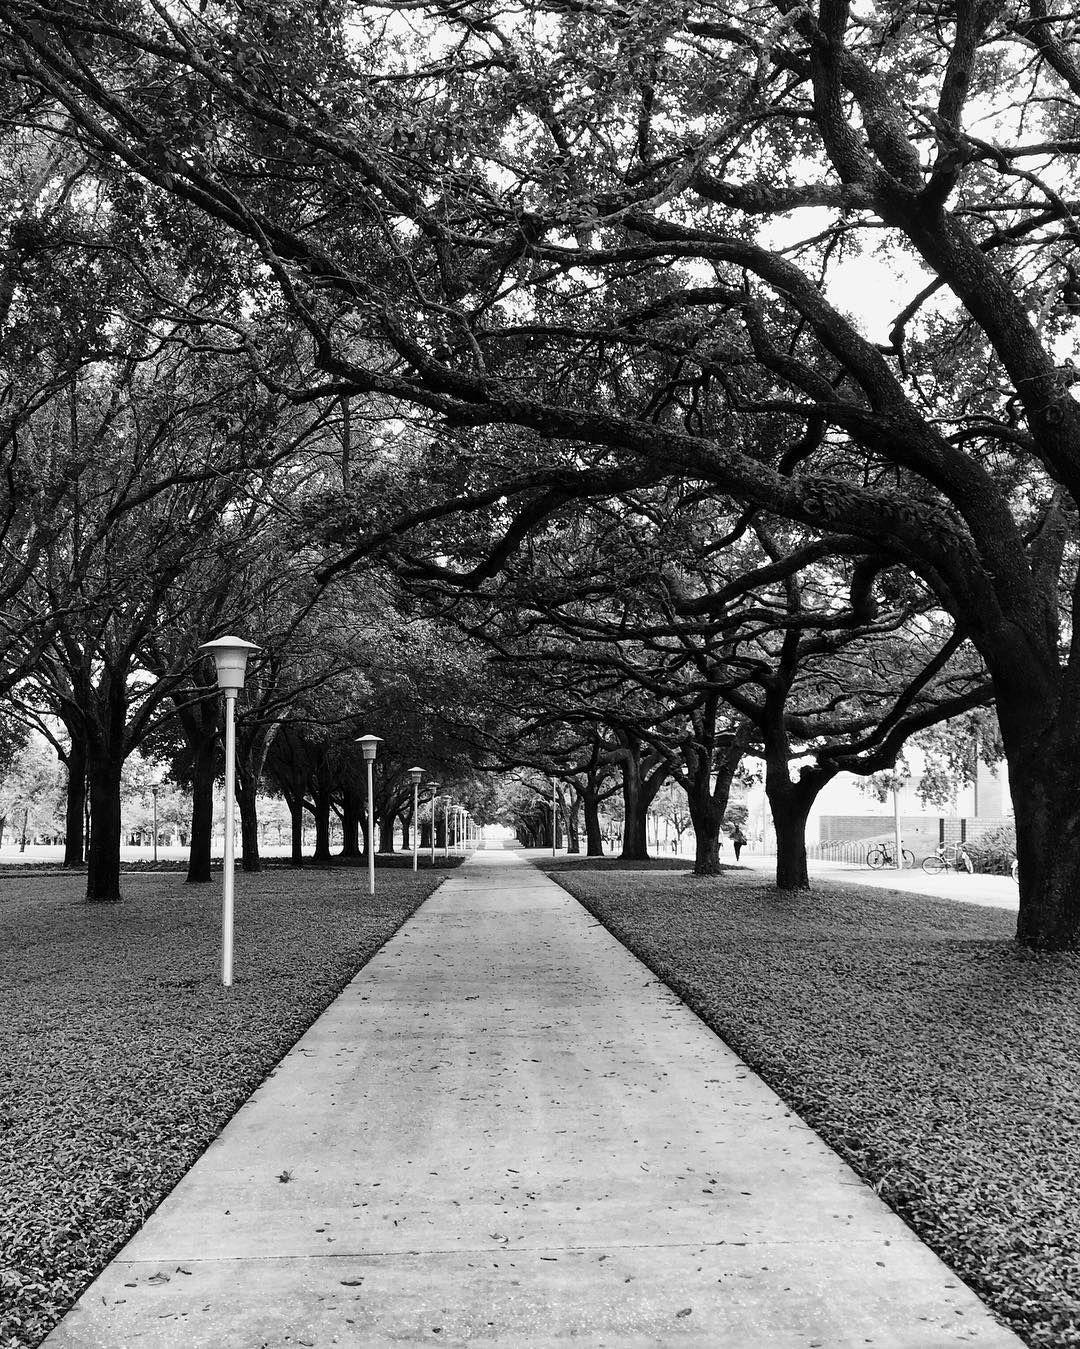 MLK Trees black and white